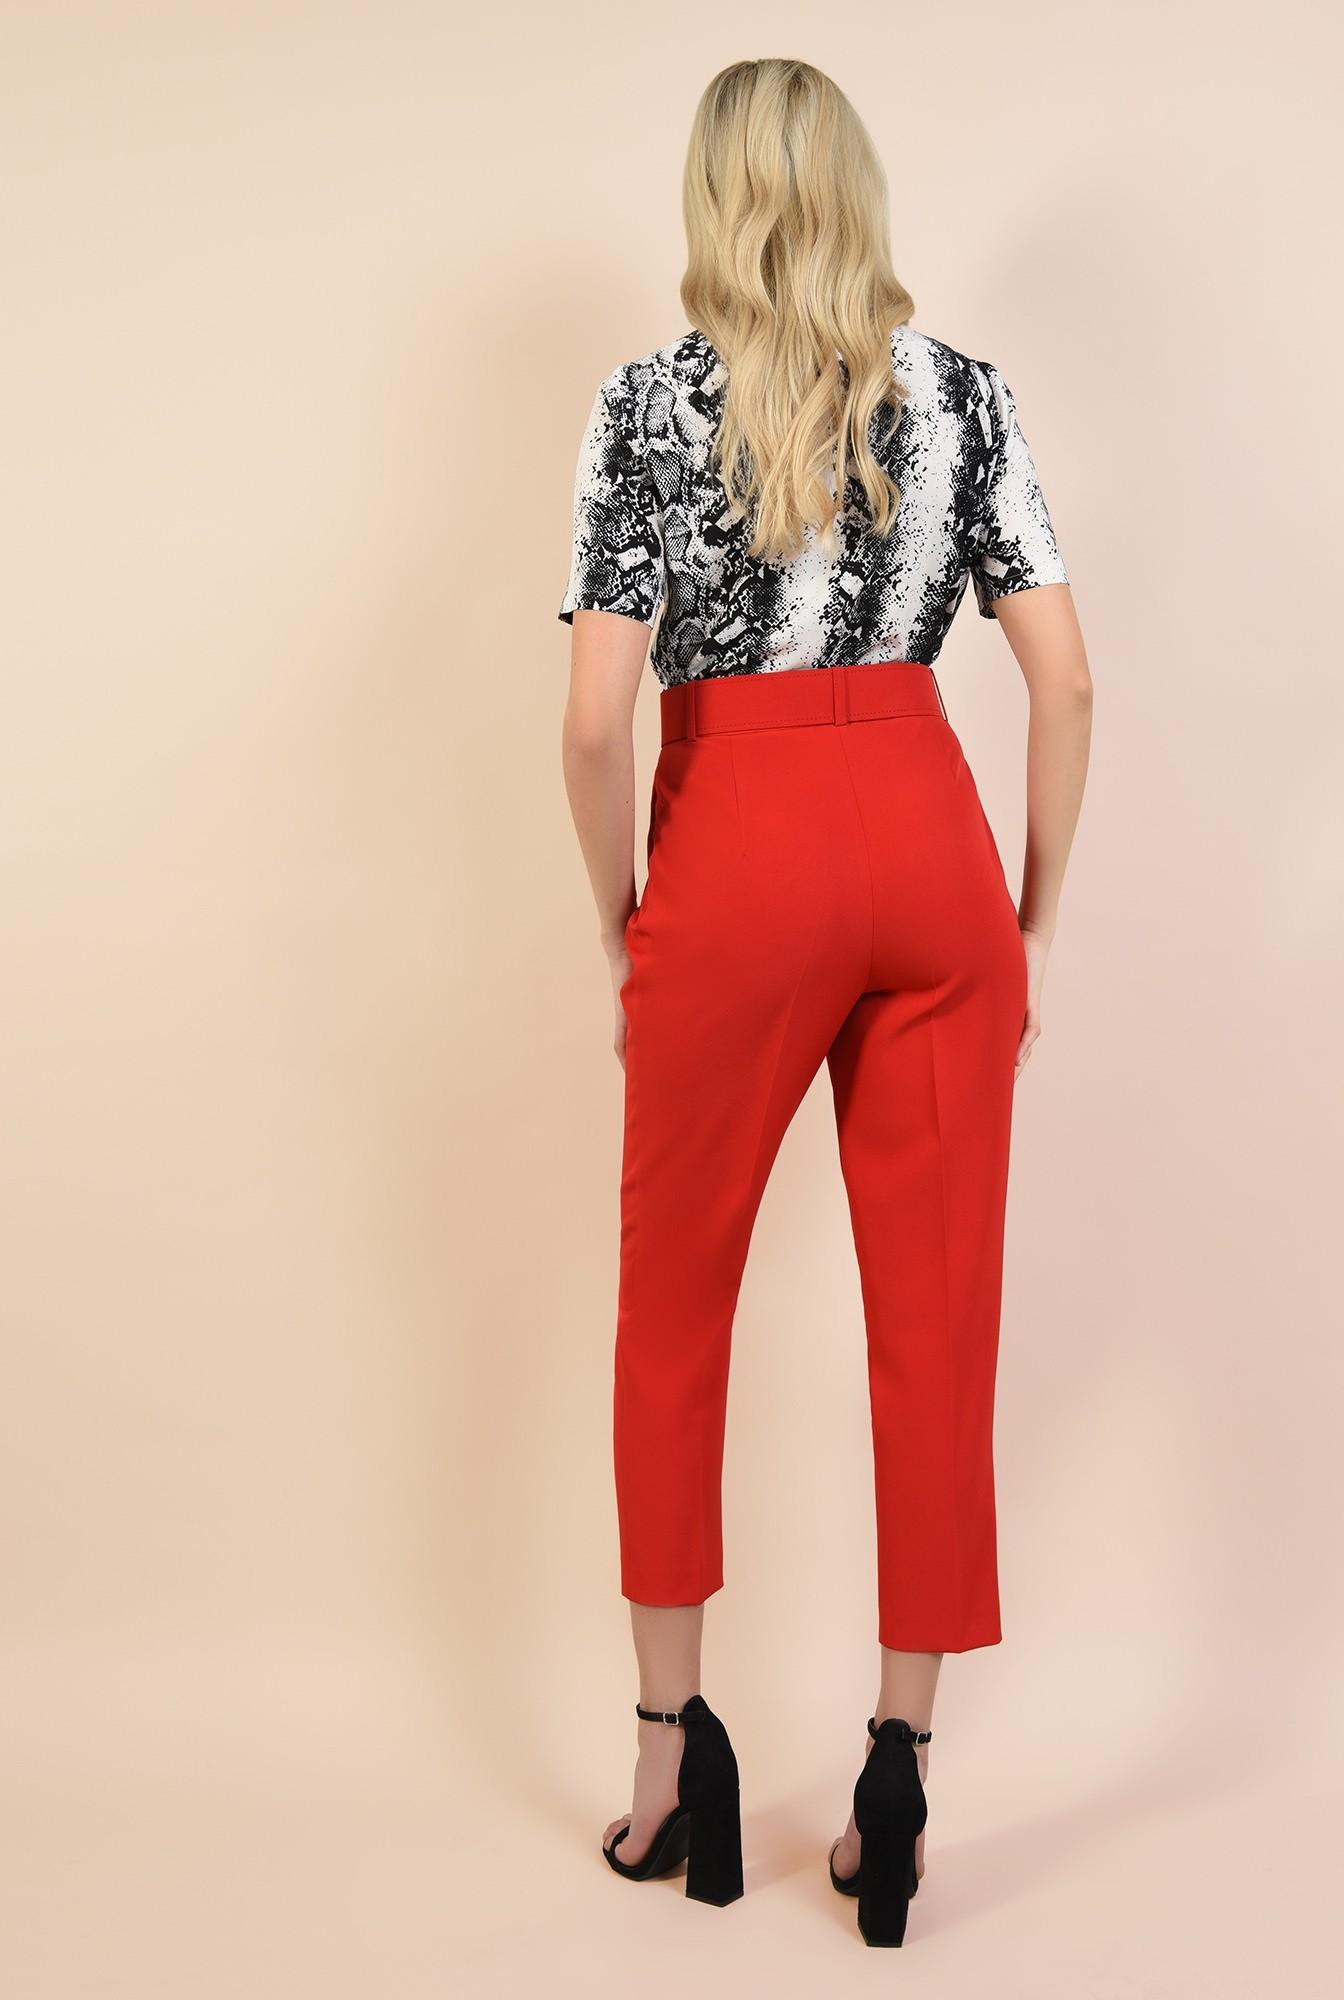 1 - 360 - pantaloni casual, rosu, conici, cu pliuri, cu centura